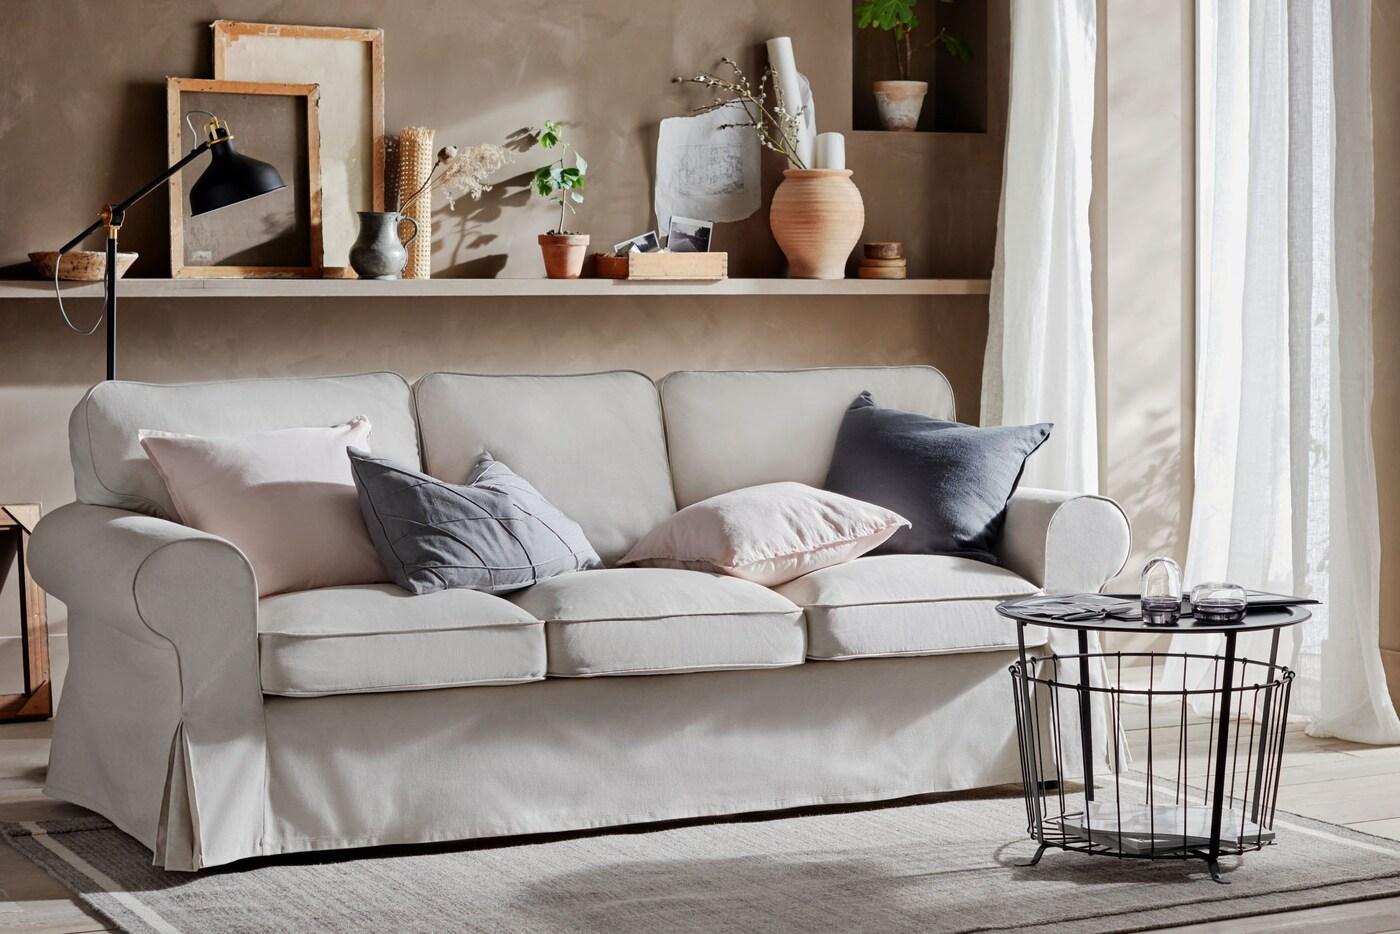 Alle Serien & Systeme für dein Wohnzimmer - IKEA Deutschland